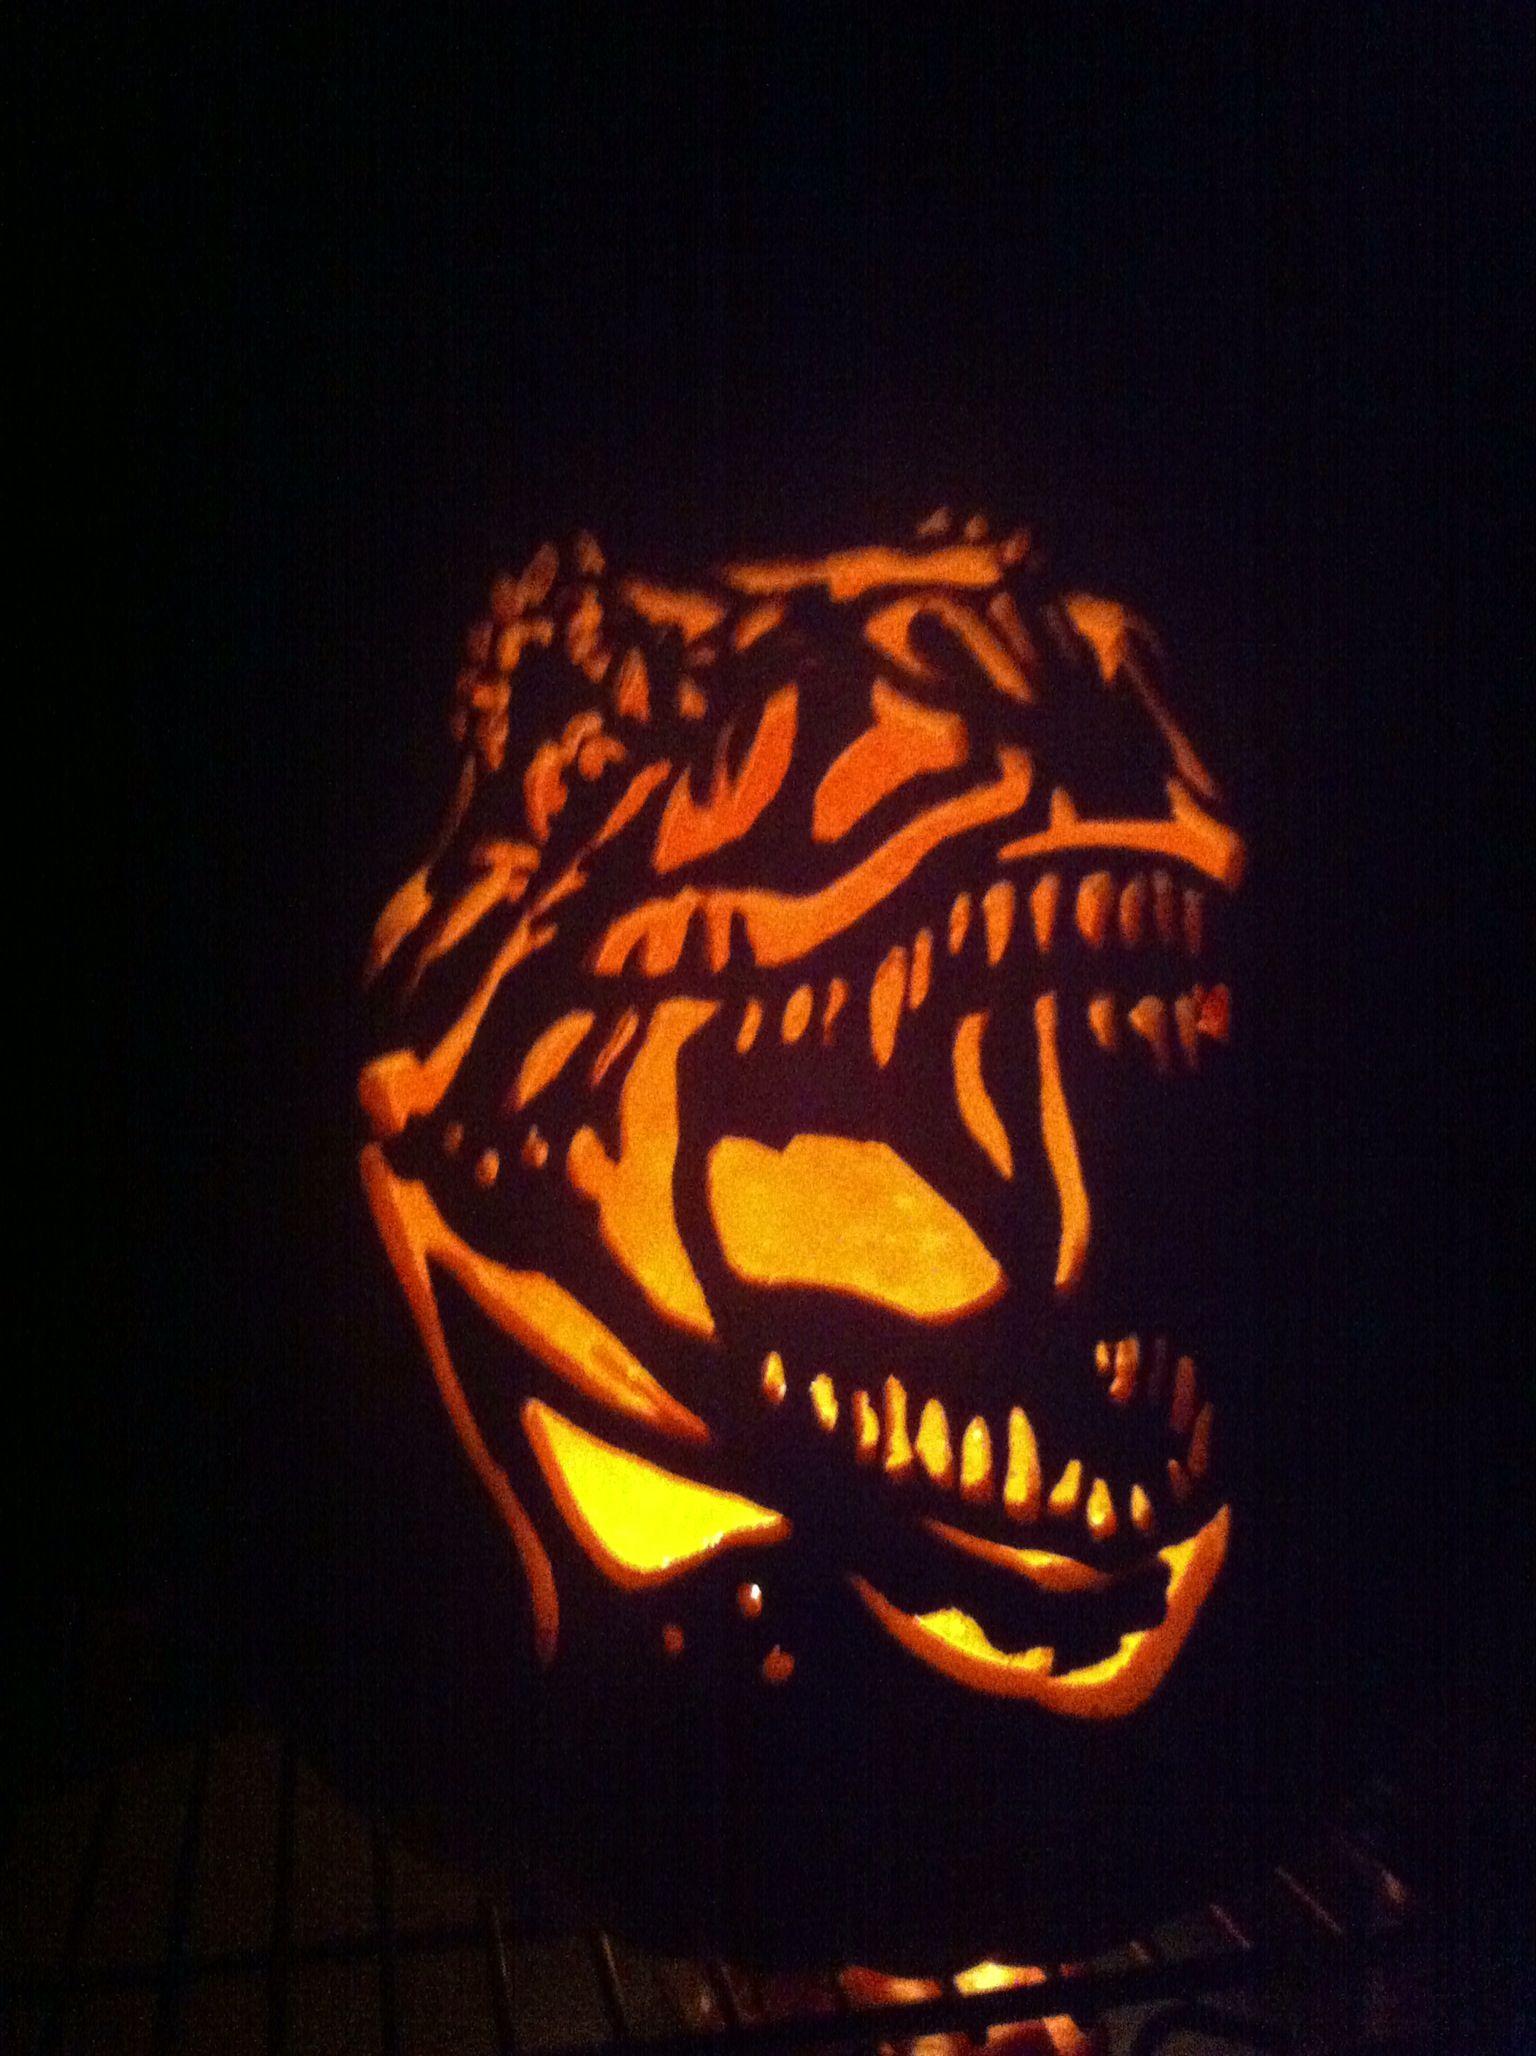 t rex pumpkin carving template  T-Rex pumpkin. | Pumpkin carving, Pumpkin, Pumpkin template